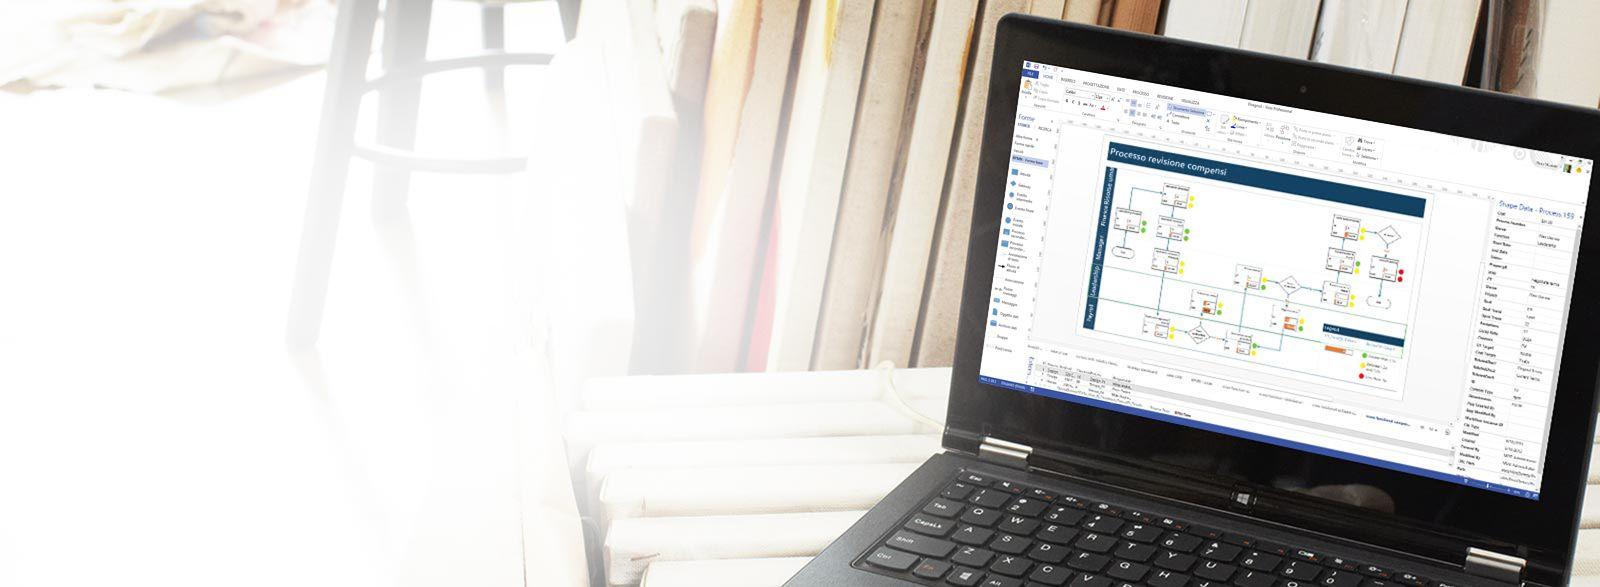 Portatile con Visio Pro per Office 365 in uso.